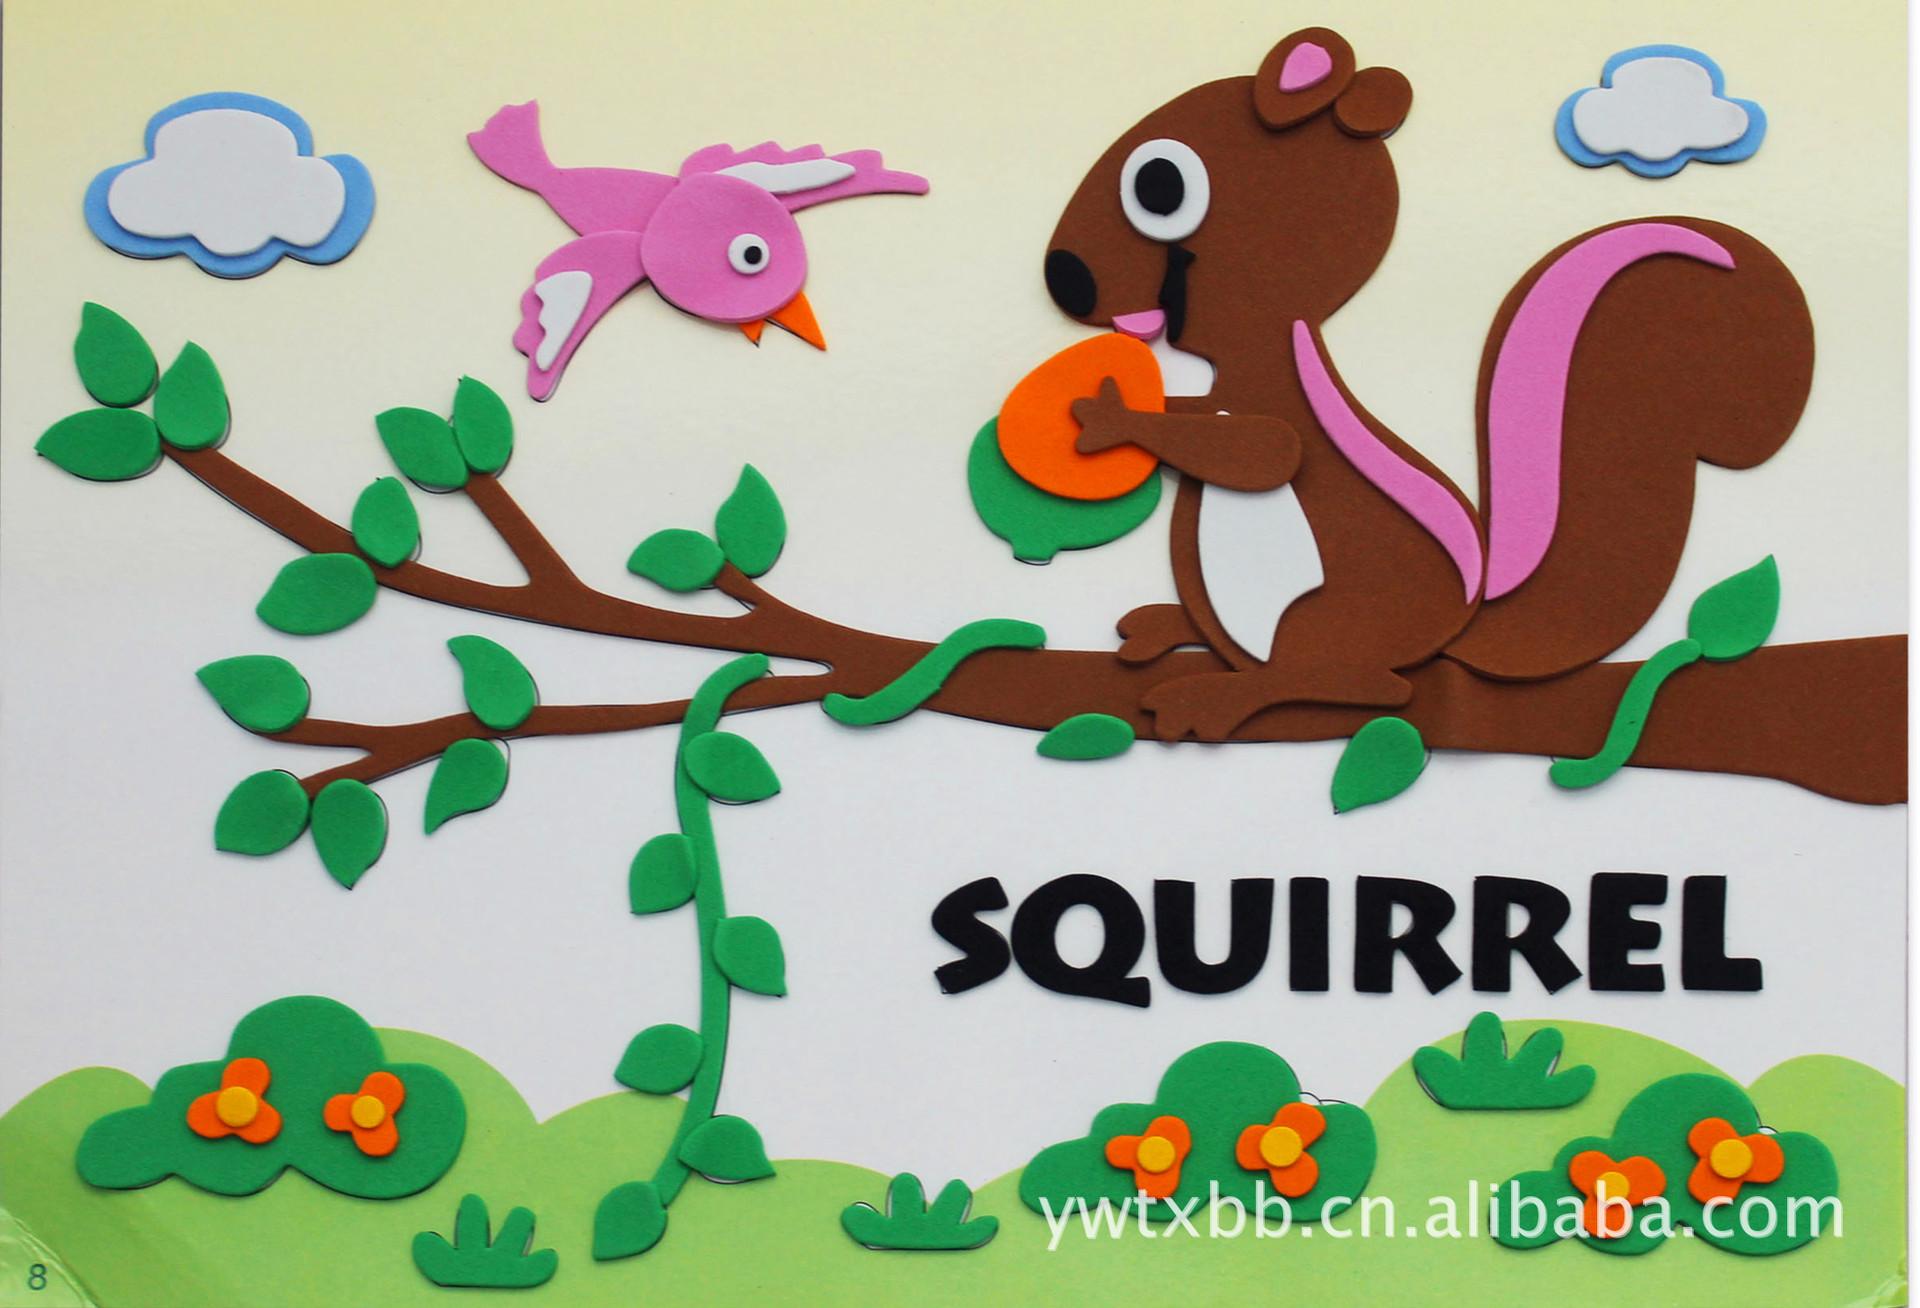 手工贴画 拼图玩具 幼儿园奖励贴画图片大全,义乌市荷叶塘创业文具